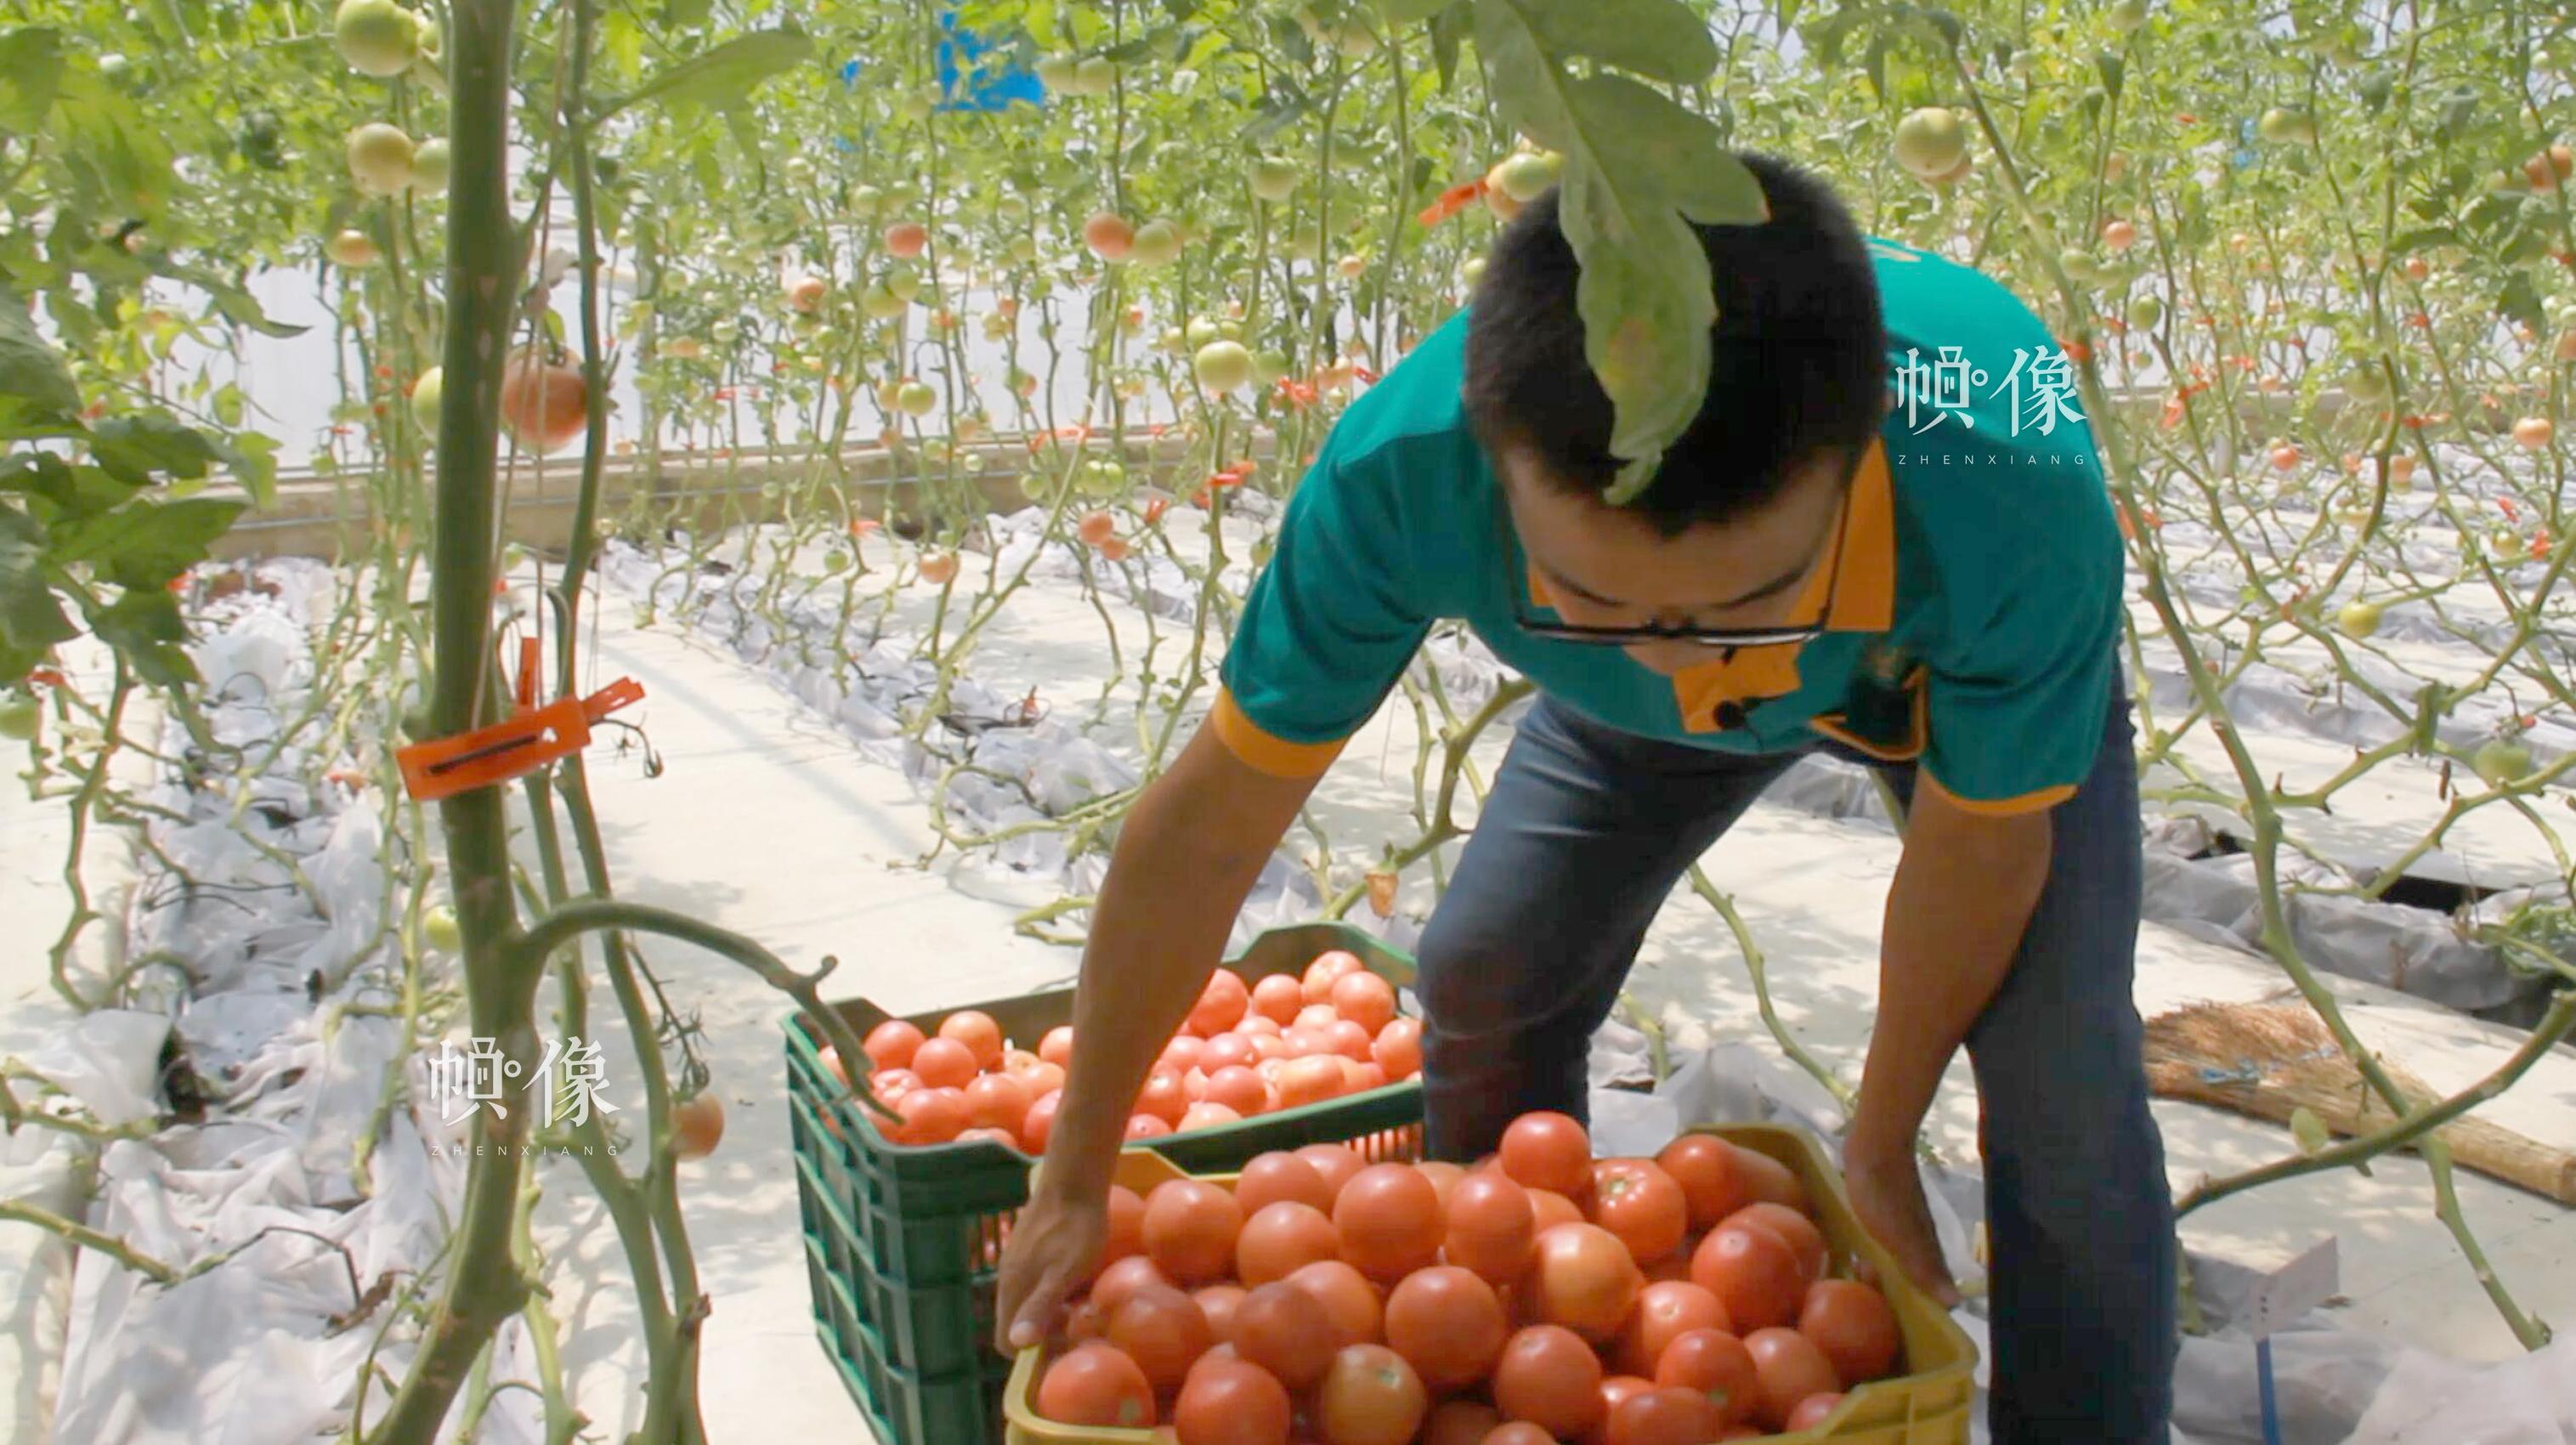 北京天安农业小汤山特菜基地技术员对蔬菜进行分拣。 中国网记者 赵超 摄